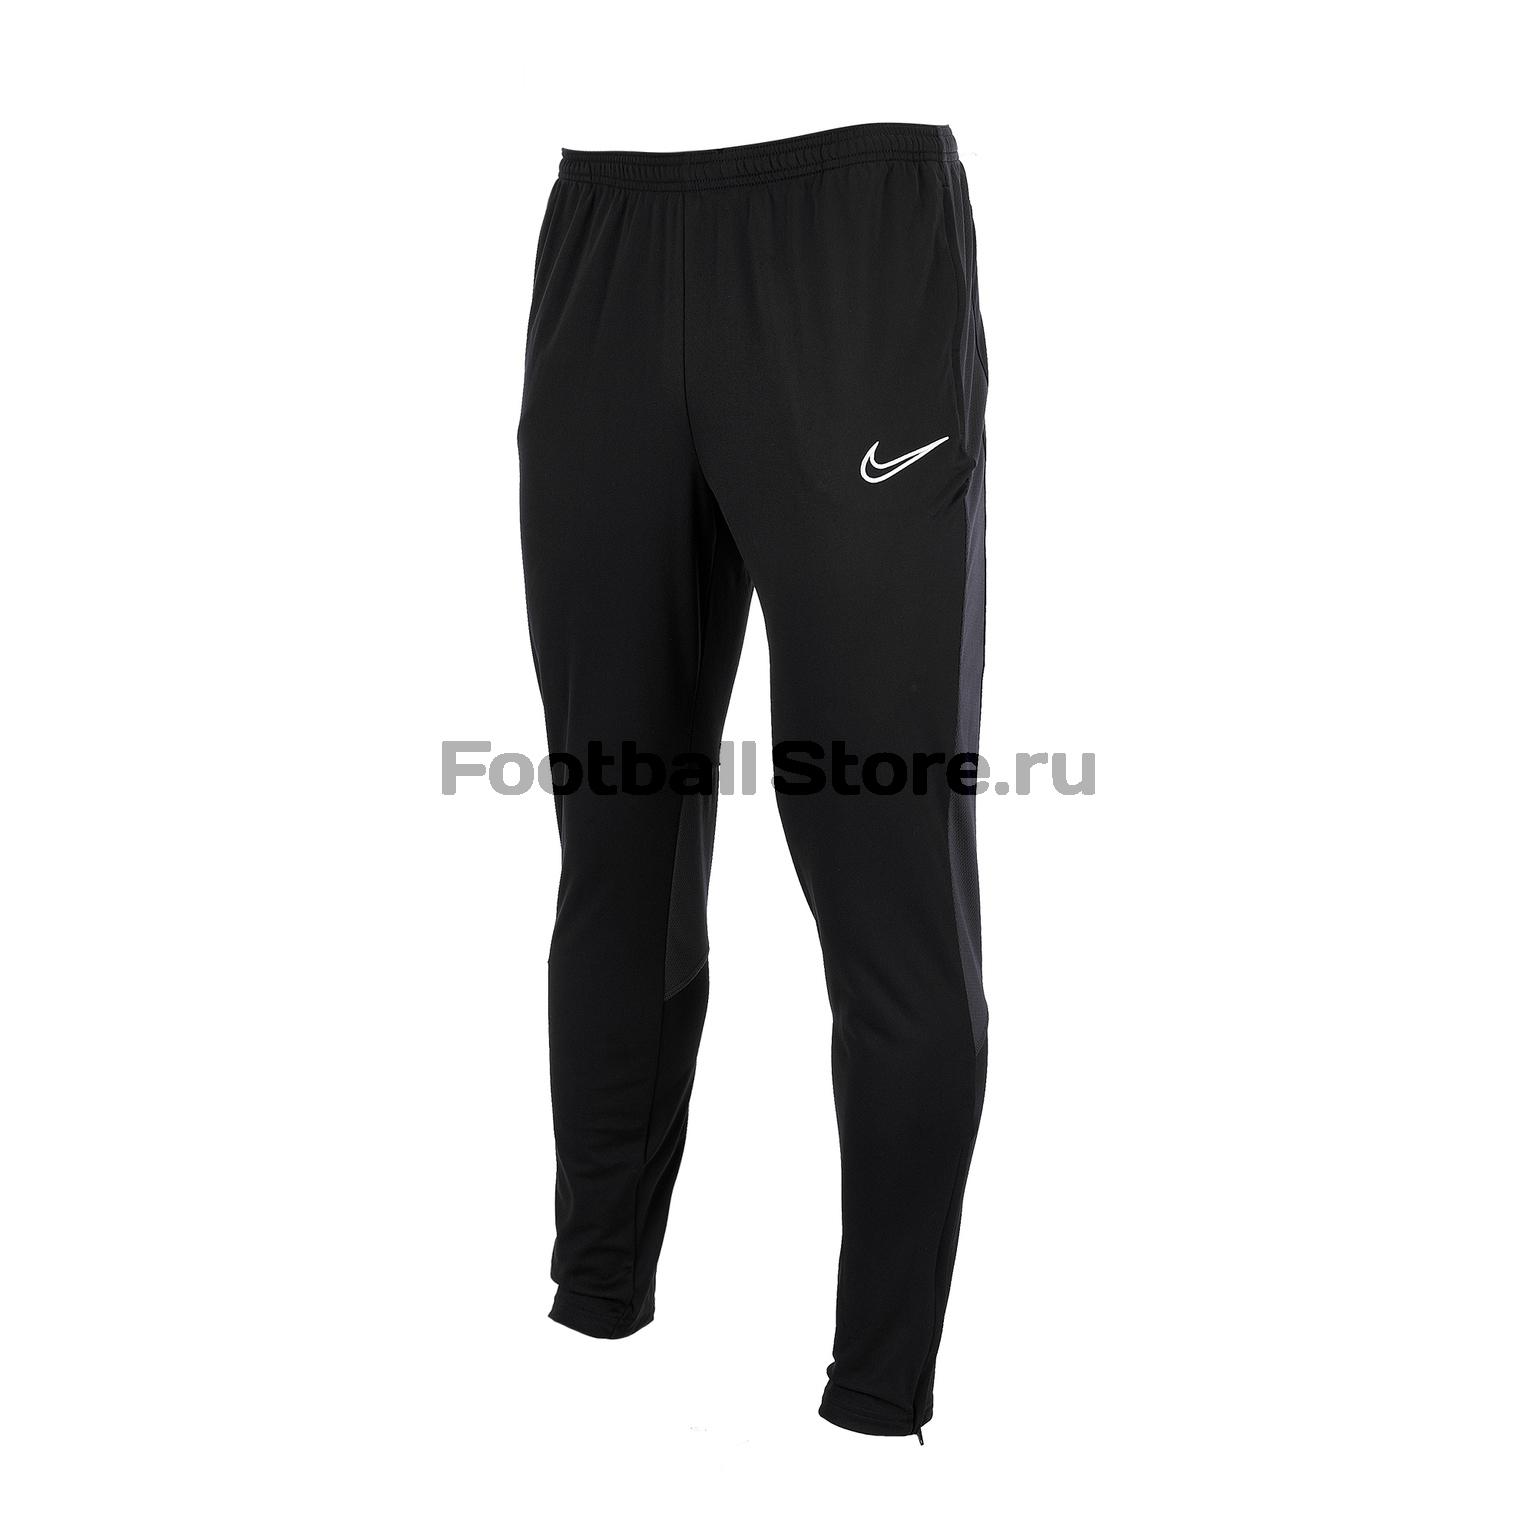 0487b72b Брюки тренировочные Nike Dry Academy Pant SMR AQ3717-010